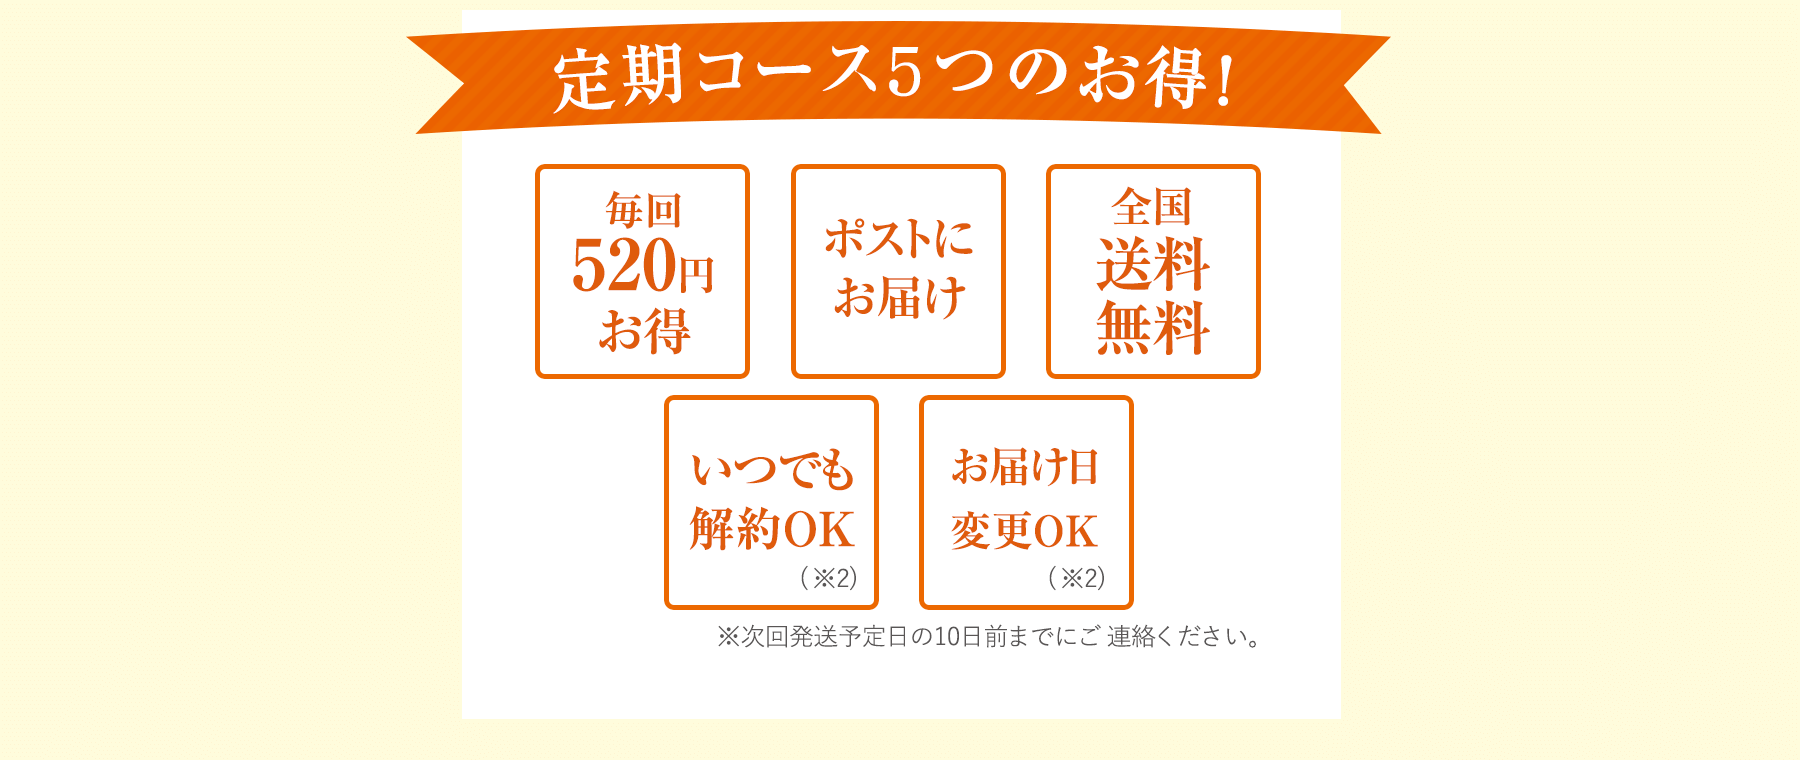 定期コース3つのお得!